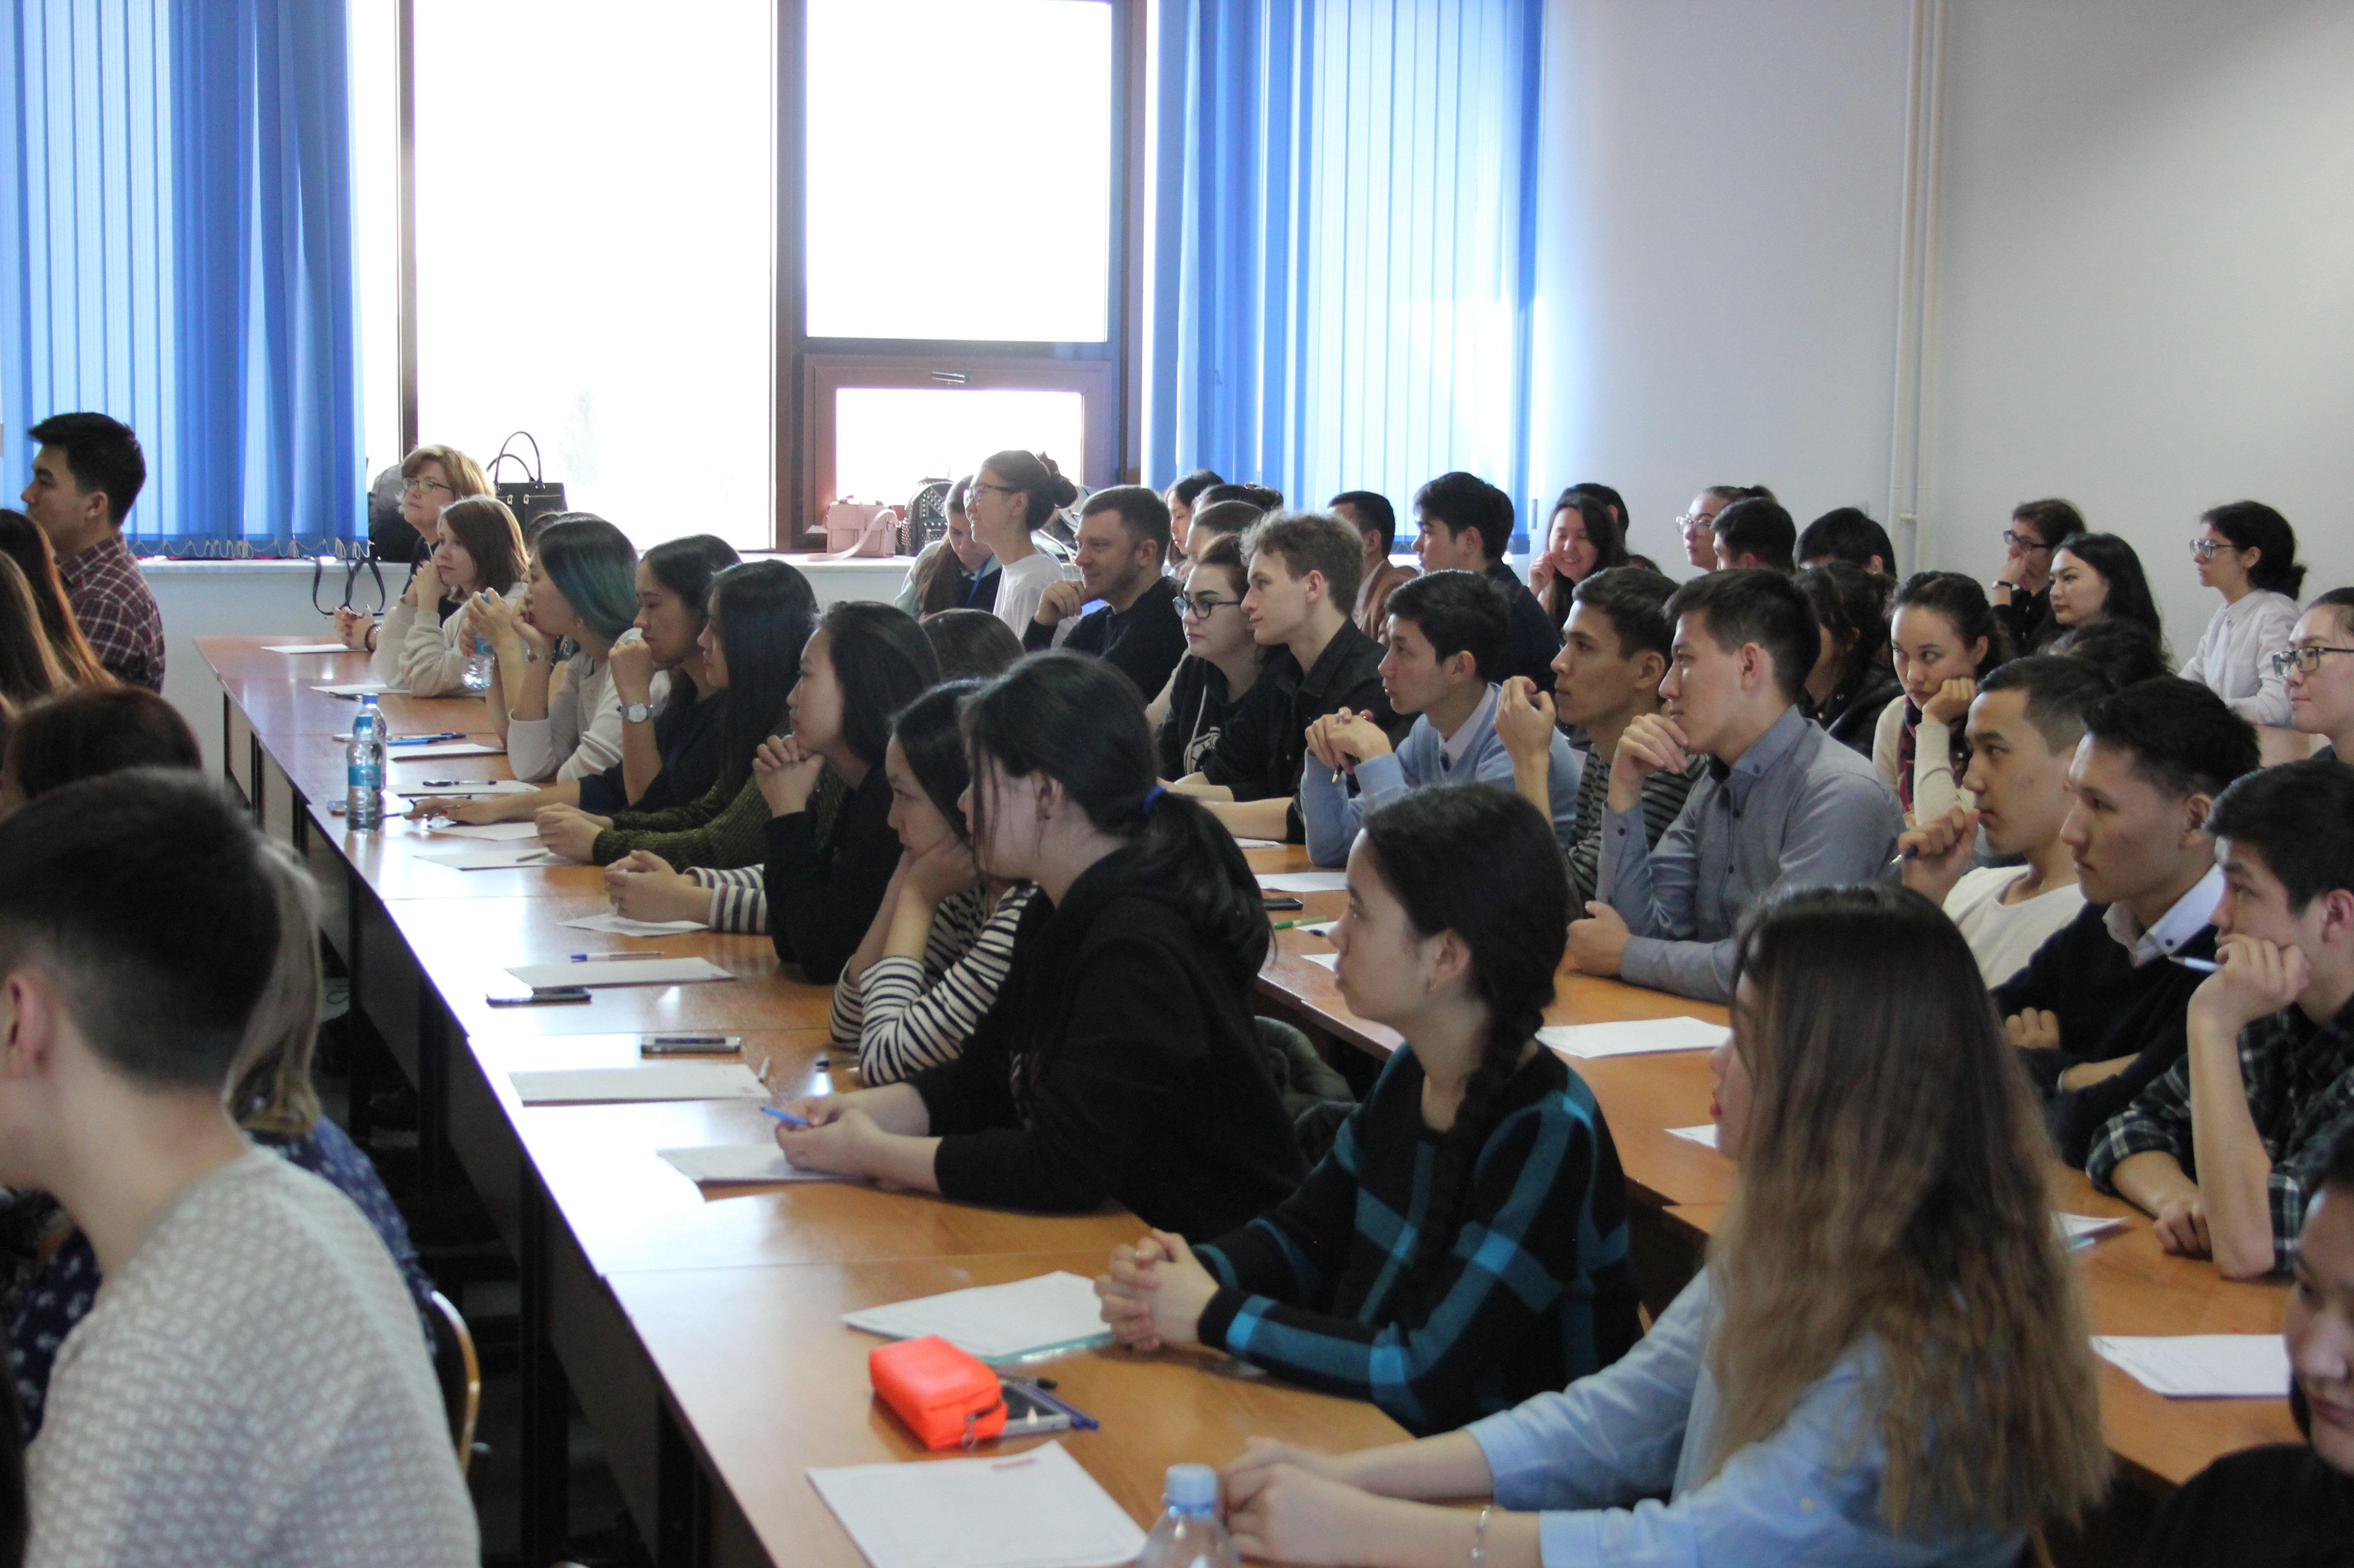 Тотальный диктант прошел в Евразийском национальном университете им. Л.Н. Гумилева